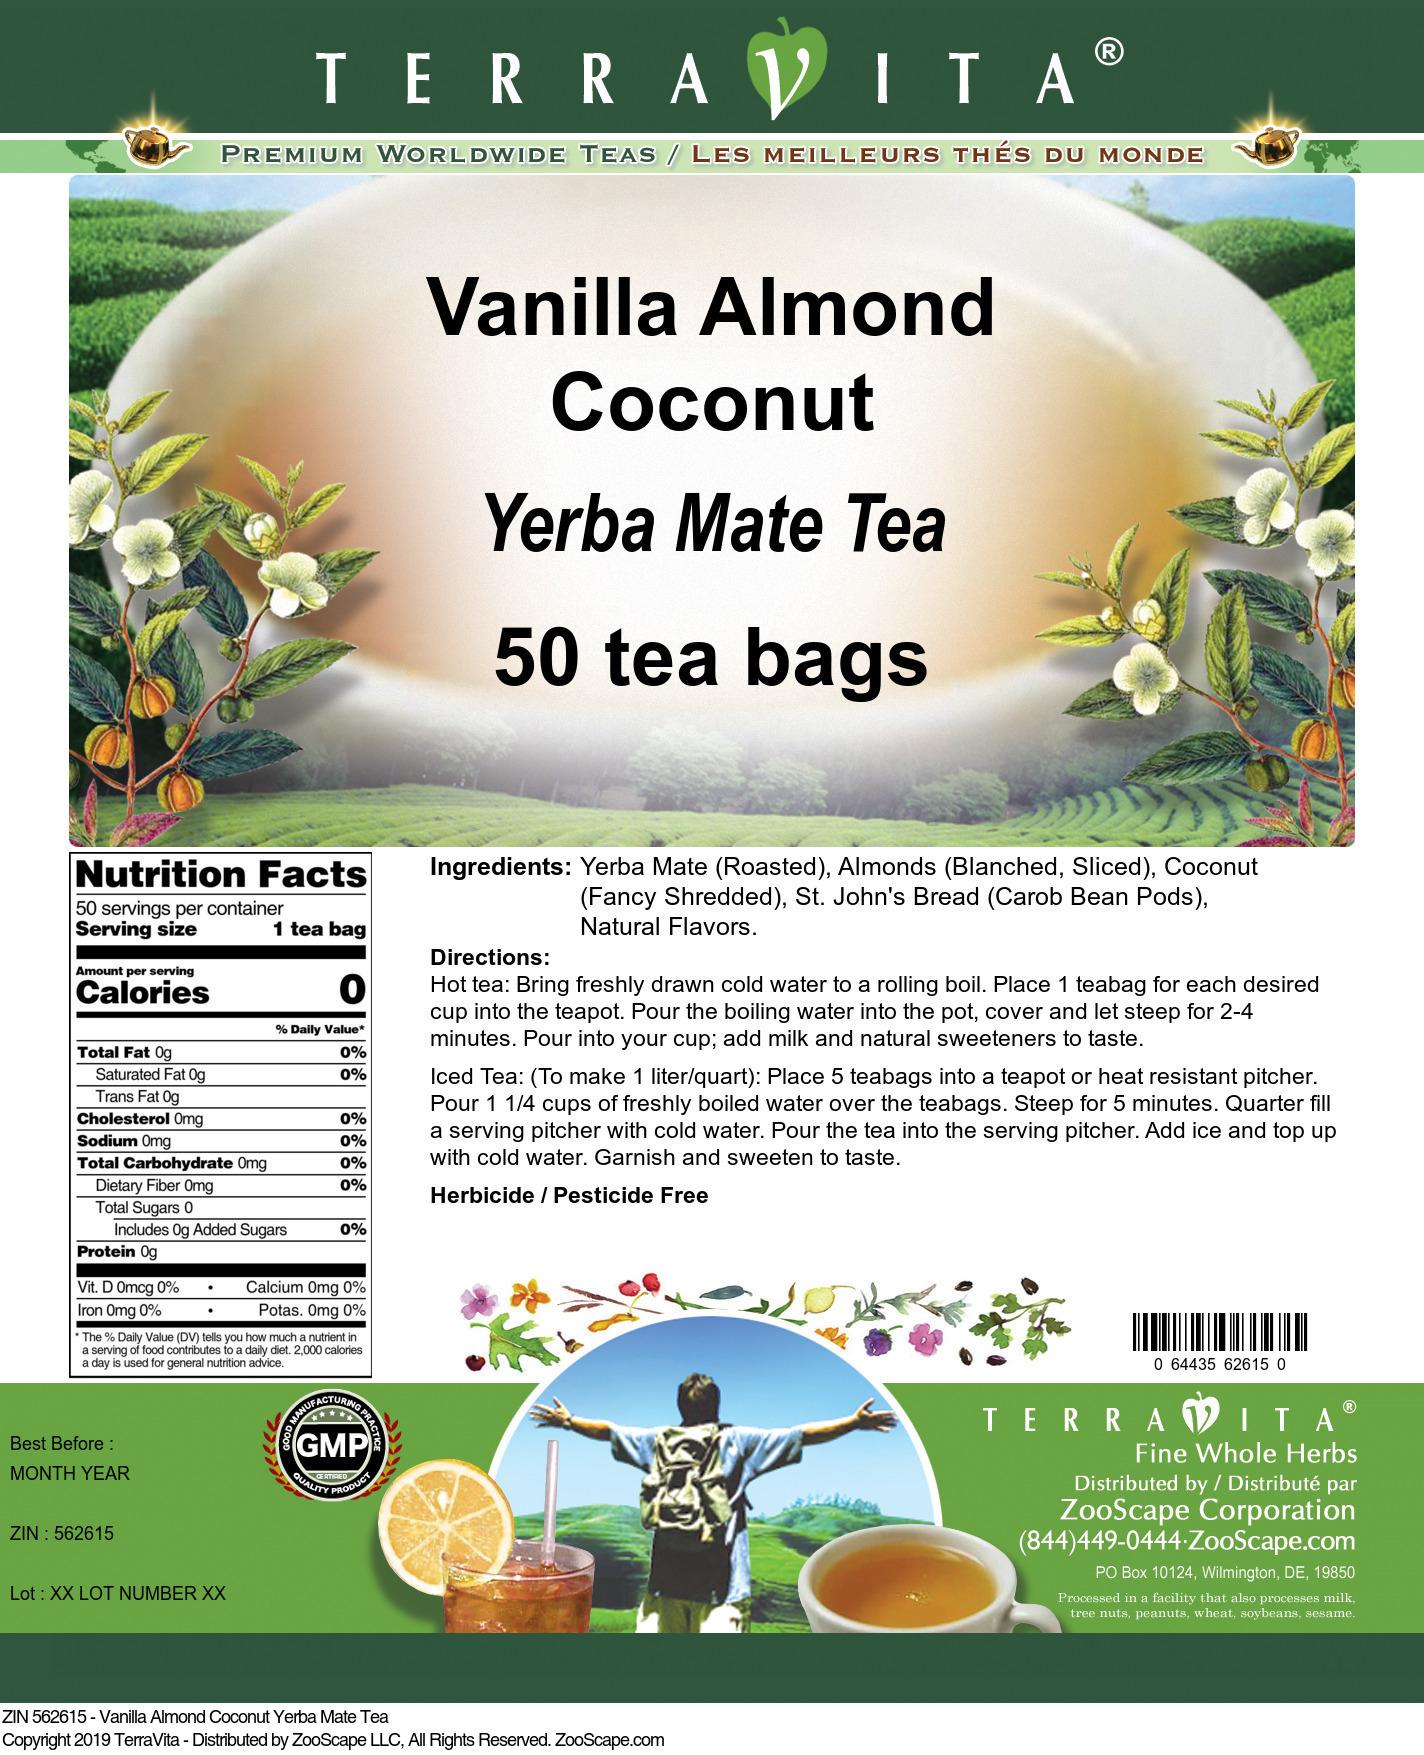 Vanilla Almond Coconut Yerba Mate Tea